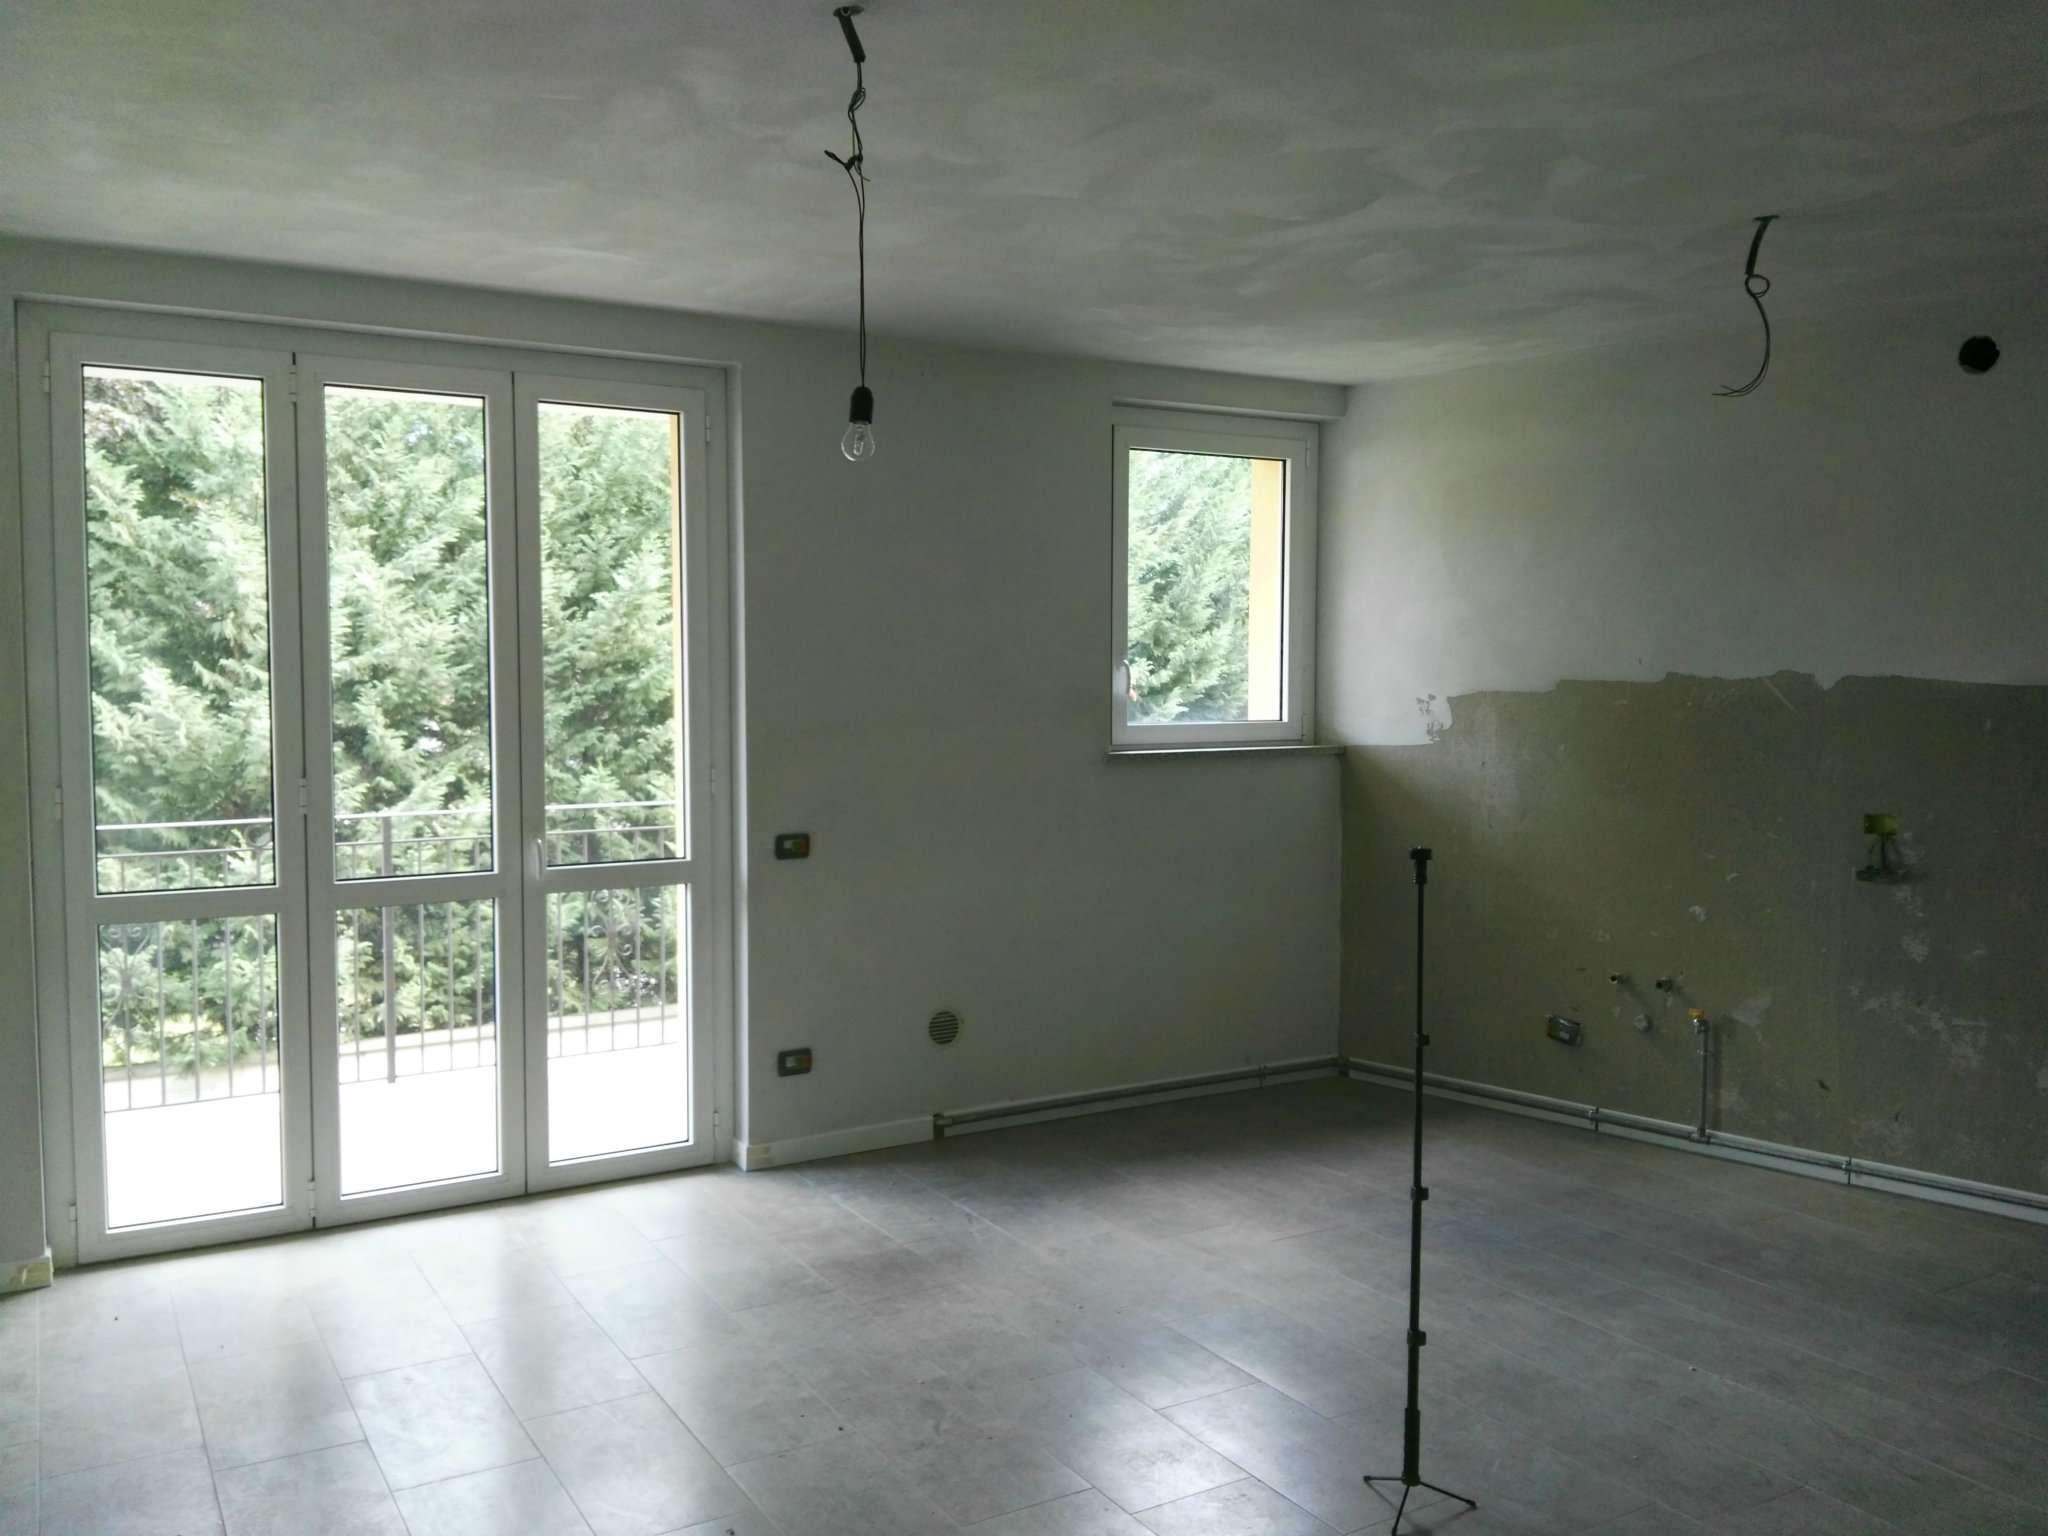 DG310 Cuggiono, in palazzina di recente costruzione, appartamento nuovo di tre locali.